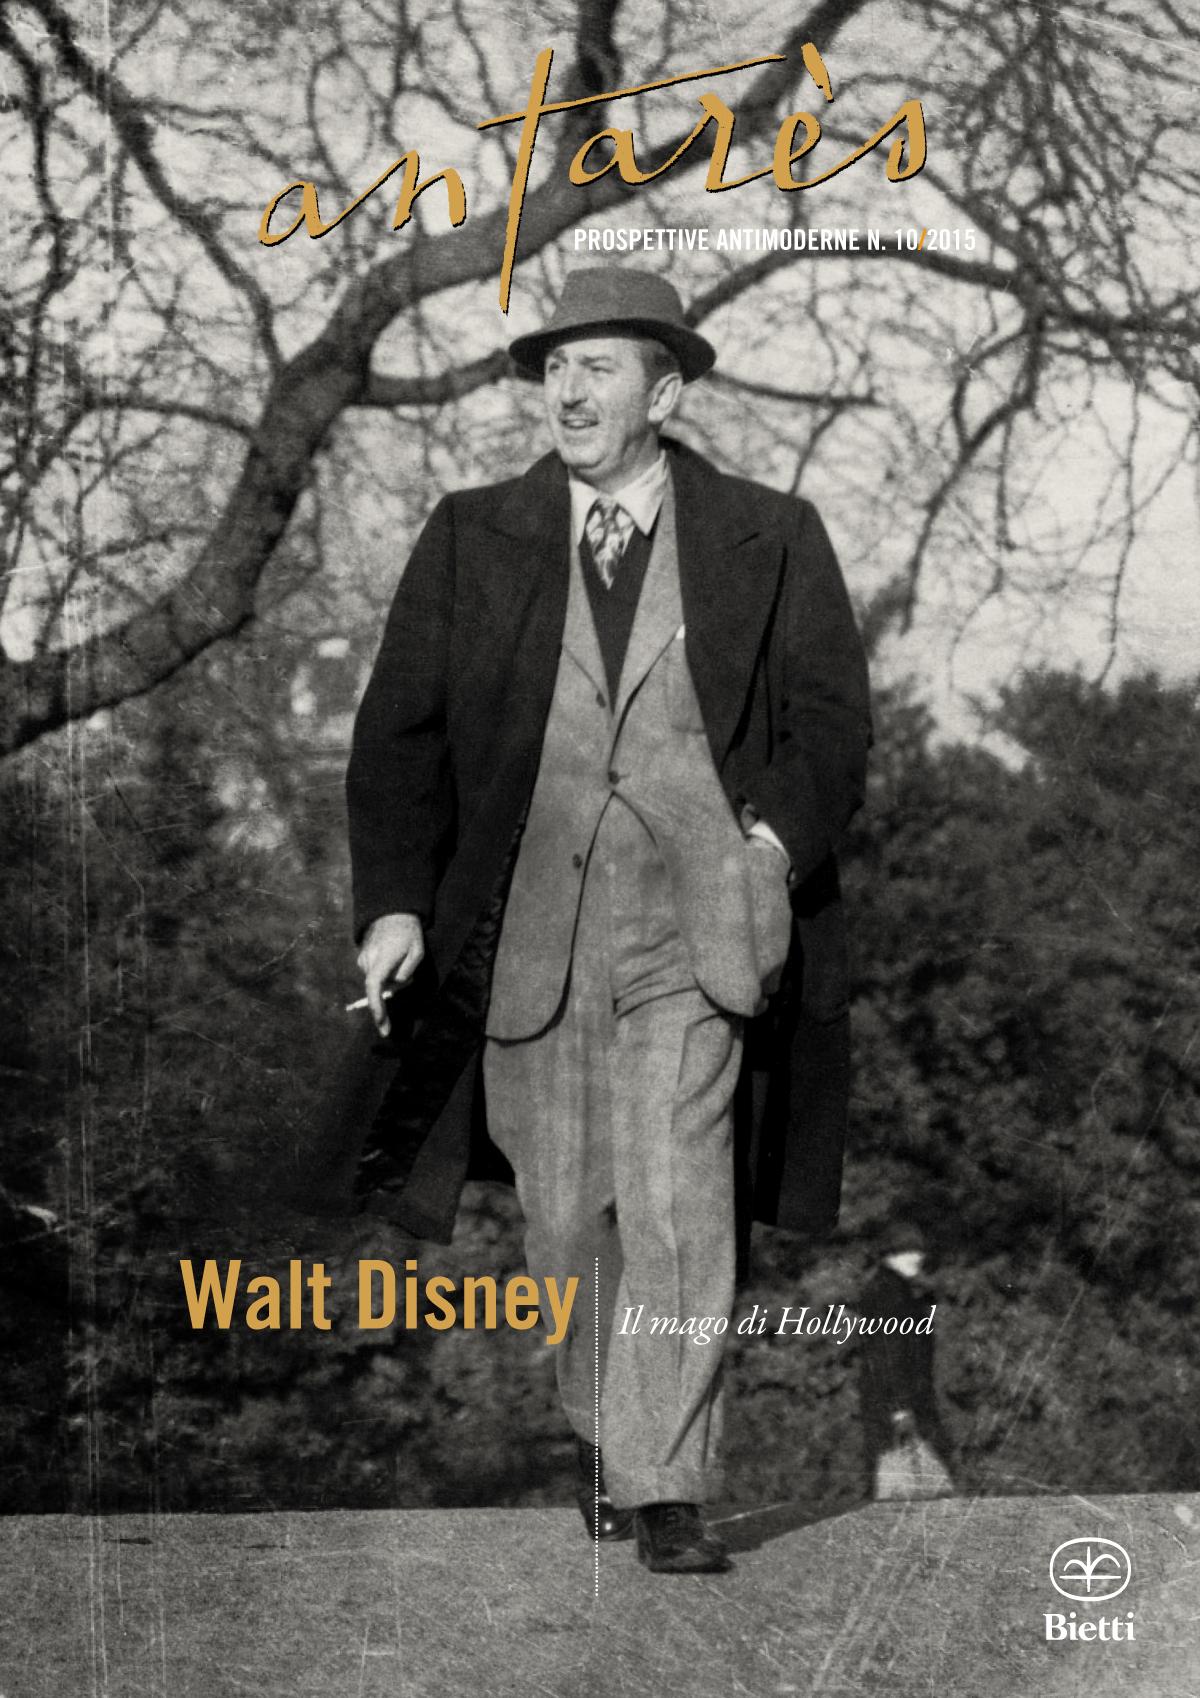 Walt Disney - Il mago di Hollywood